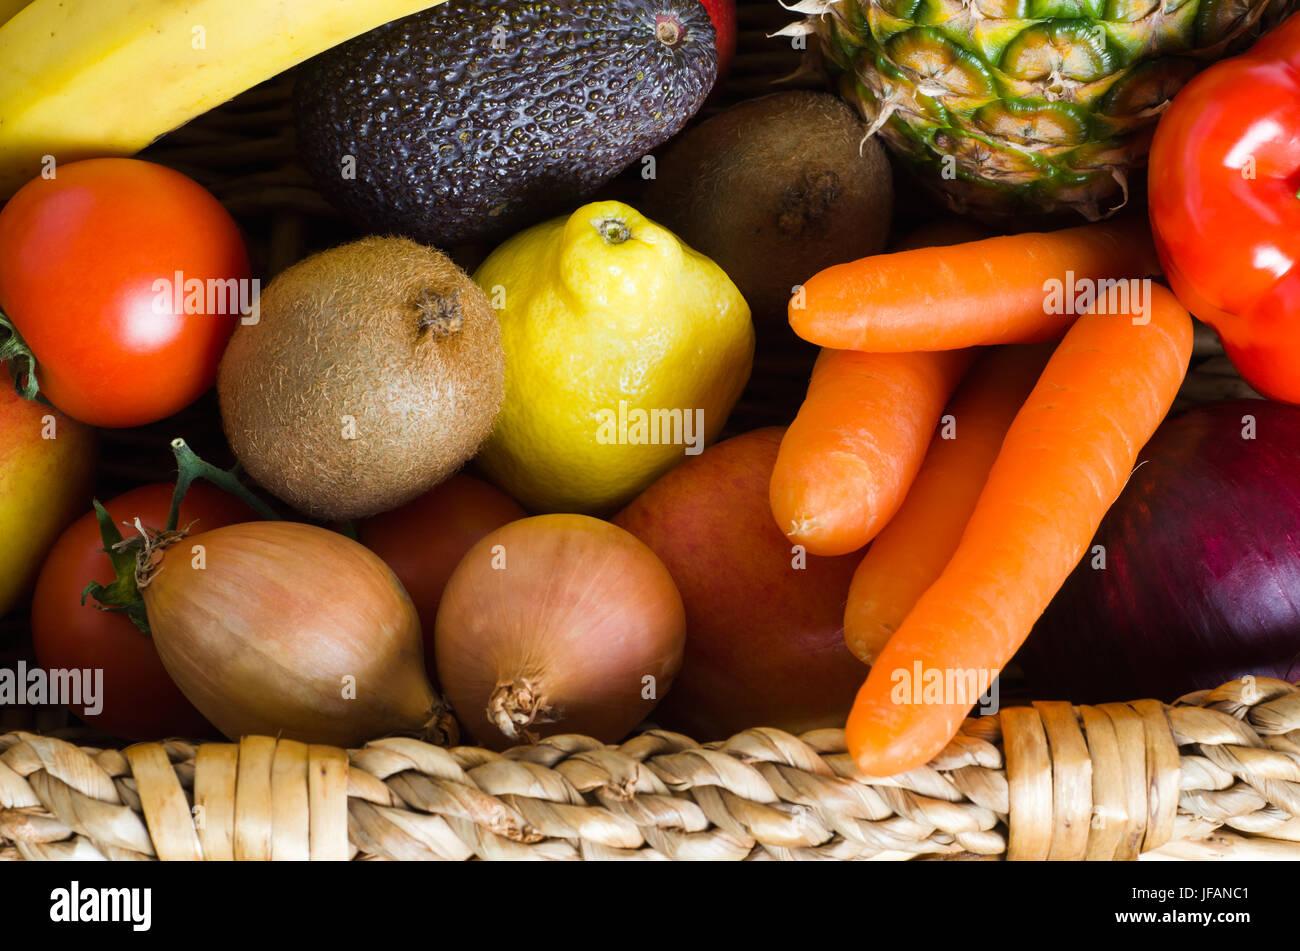 Overhead Schuss eines Korbs vollgestopft mit rohen, frischen, bunten Obst und Gemüse.  Im Querformat. Stockbild